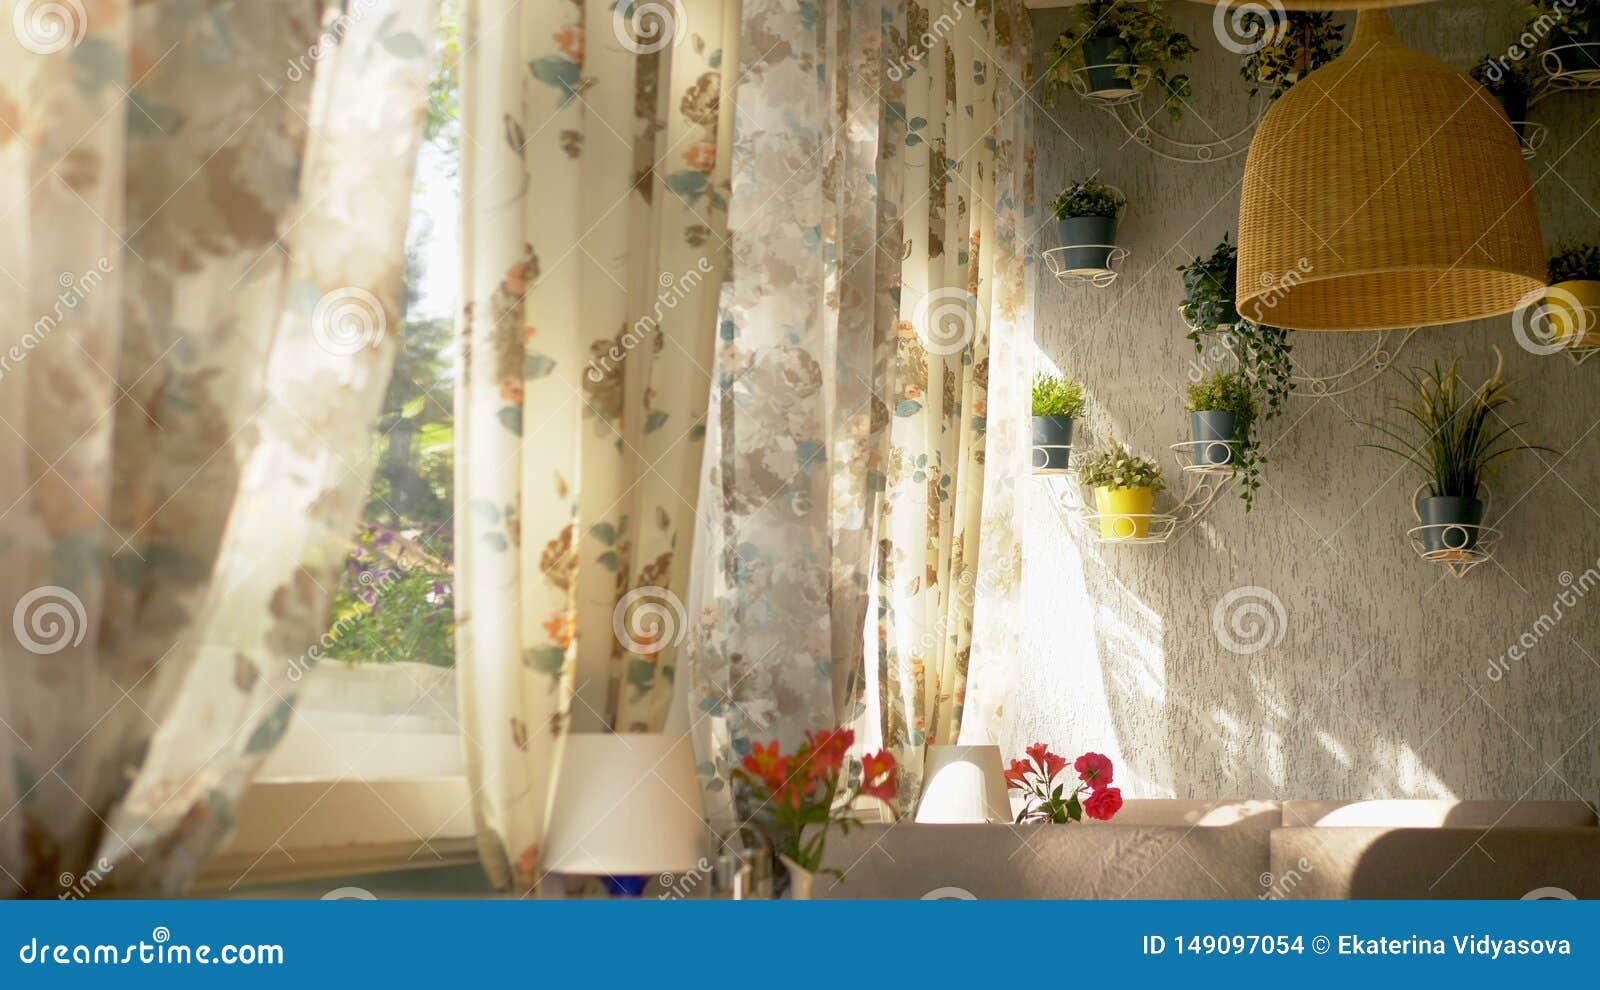 Il concetto delle finestre interne grandi finestre integrali decorate con le tende della stampa floreale e la parete della casa